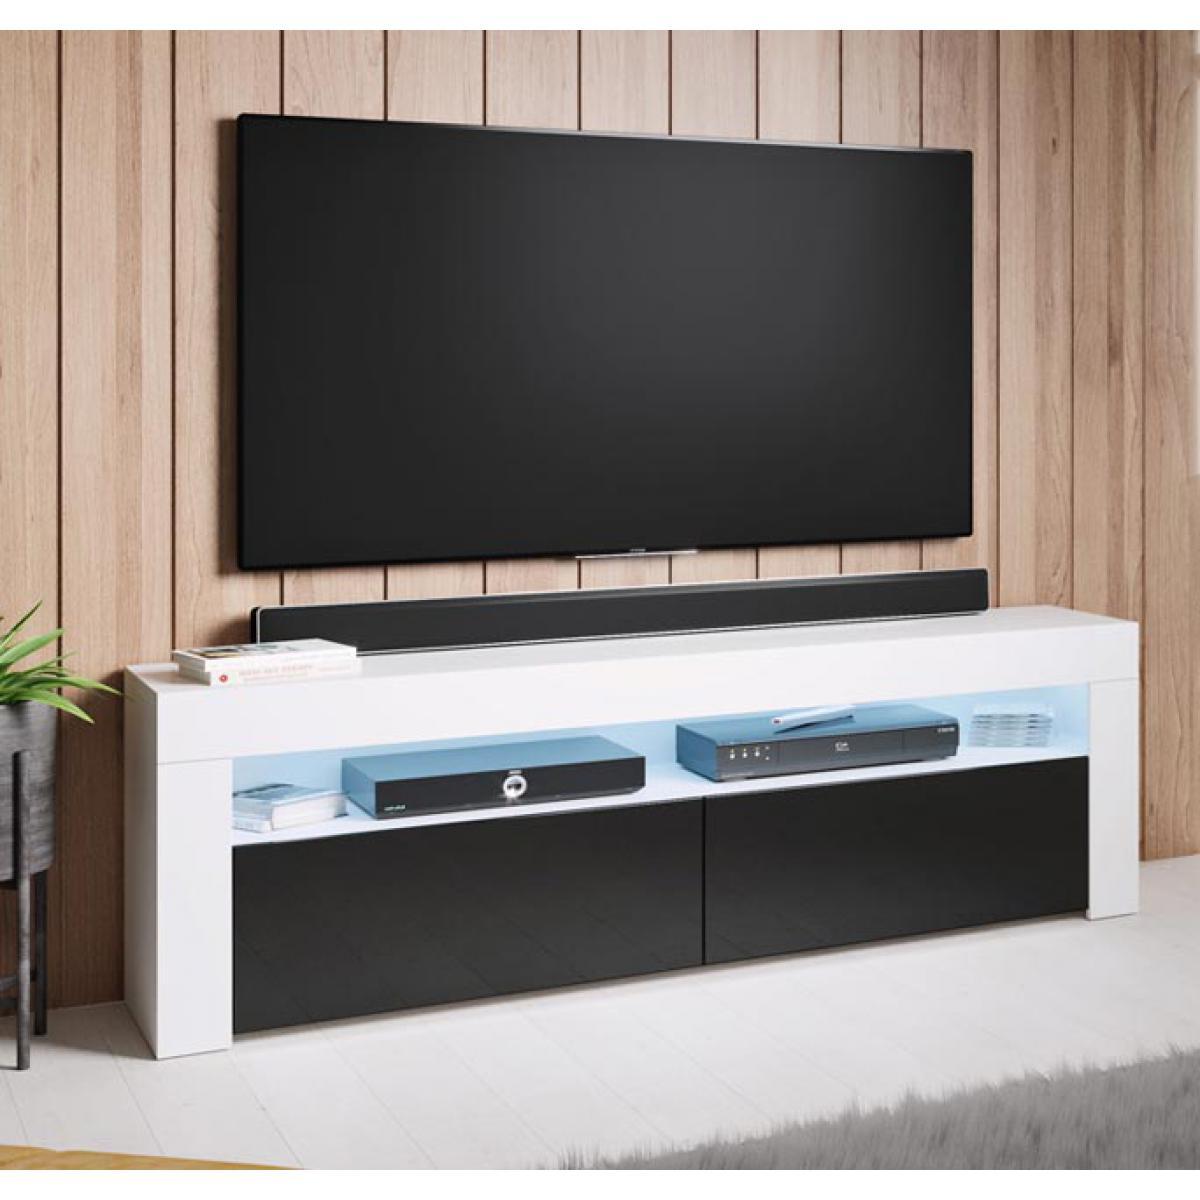 Design Ameublement Meuble TV modèle Aker (140x50,5cm) couleur blanc et noir